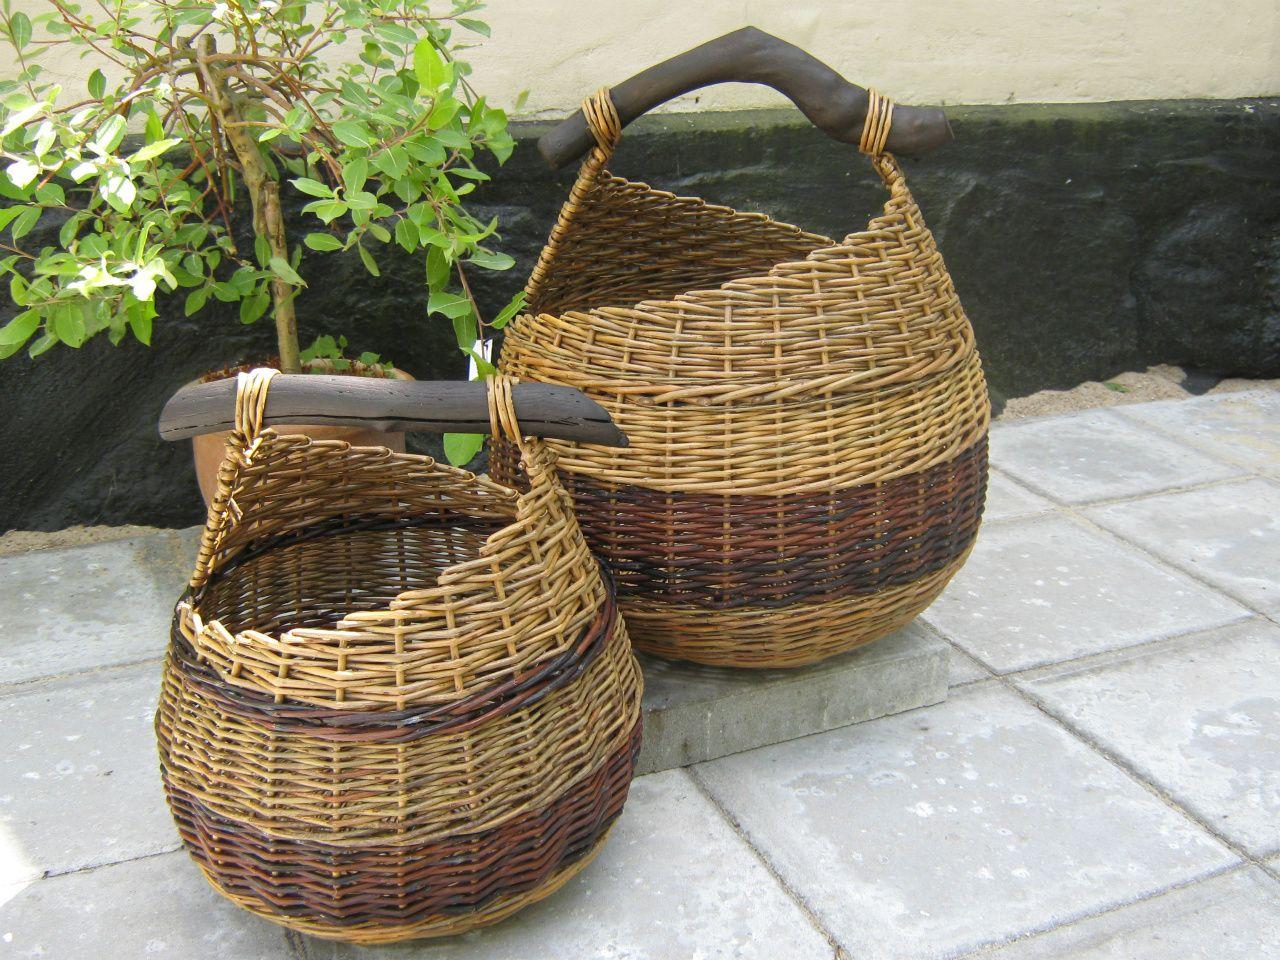 Willow Basket Weaving Somerset : Canastas de sauce idea para hacer con papel peri?dico reciclado willow baskets